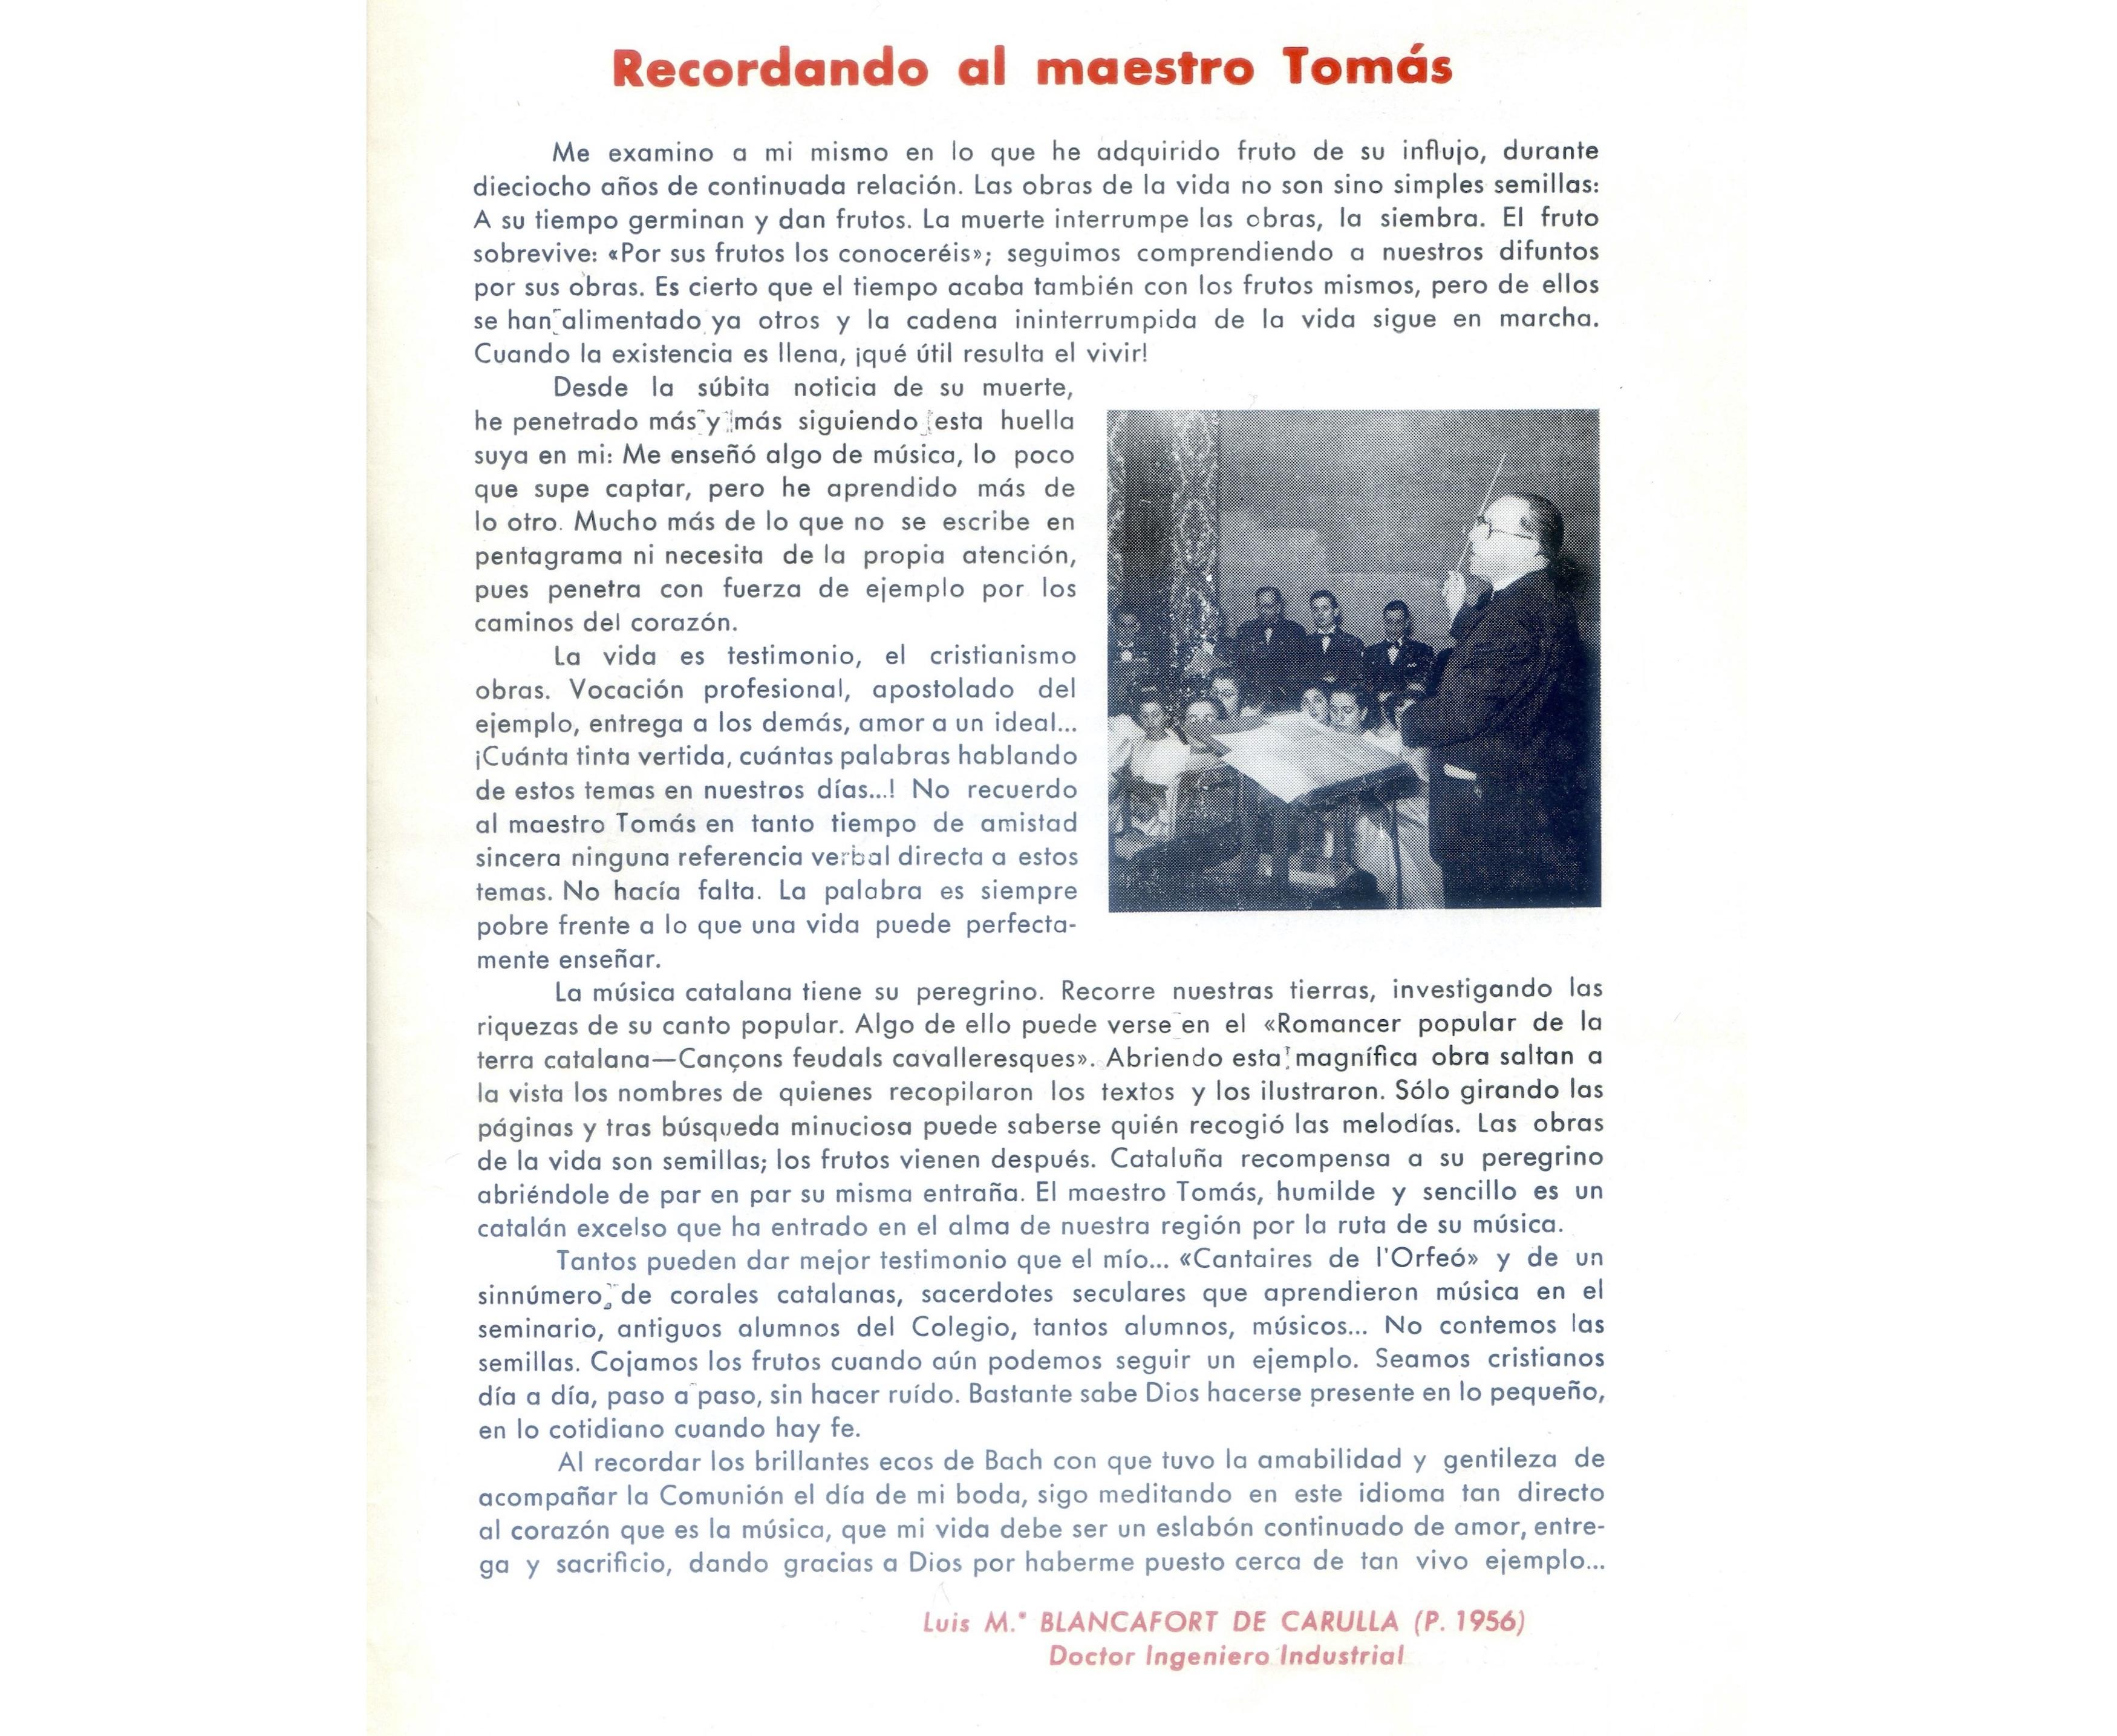 Blancafort de Carulla, Ll. M. Recordando al maestro Tomás. Estol, circular del col·legio de San Ignacio, n.156. 1968. Barcelona. Fons JTP